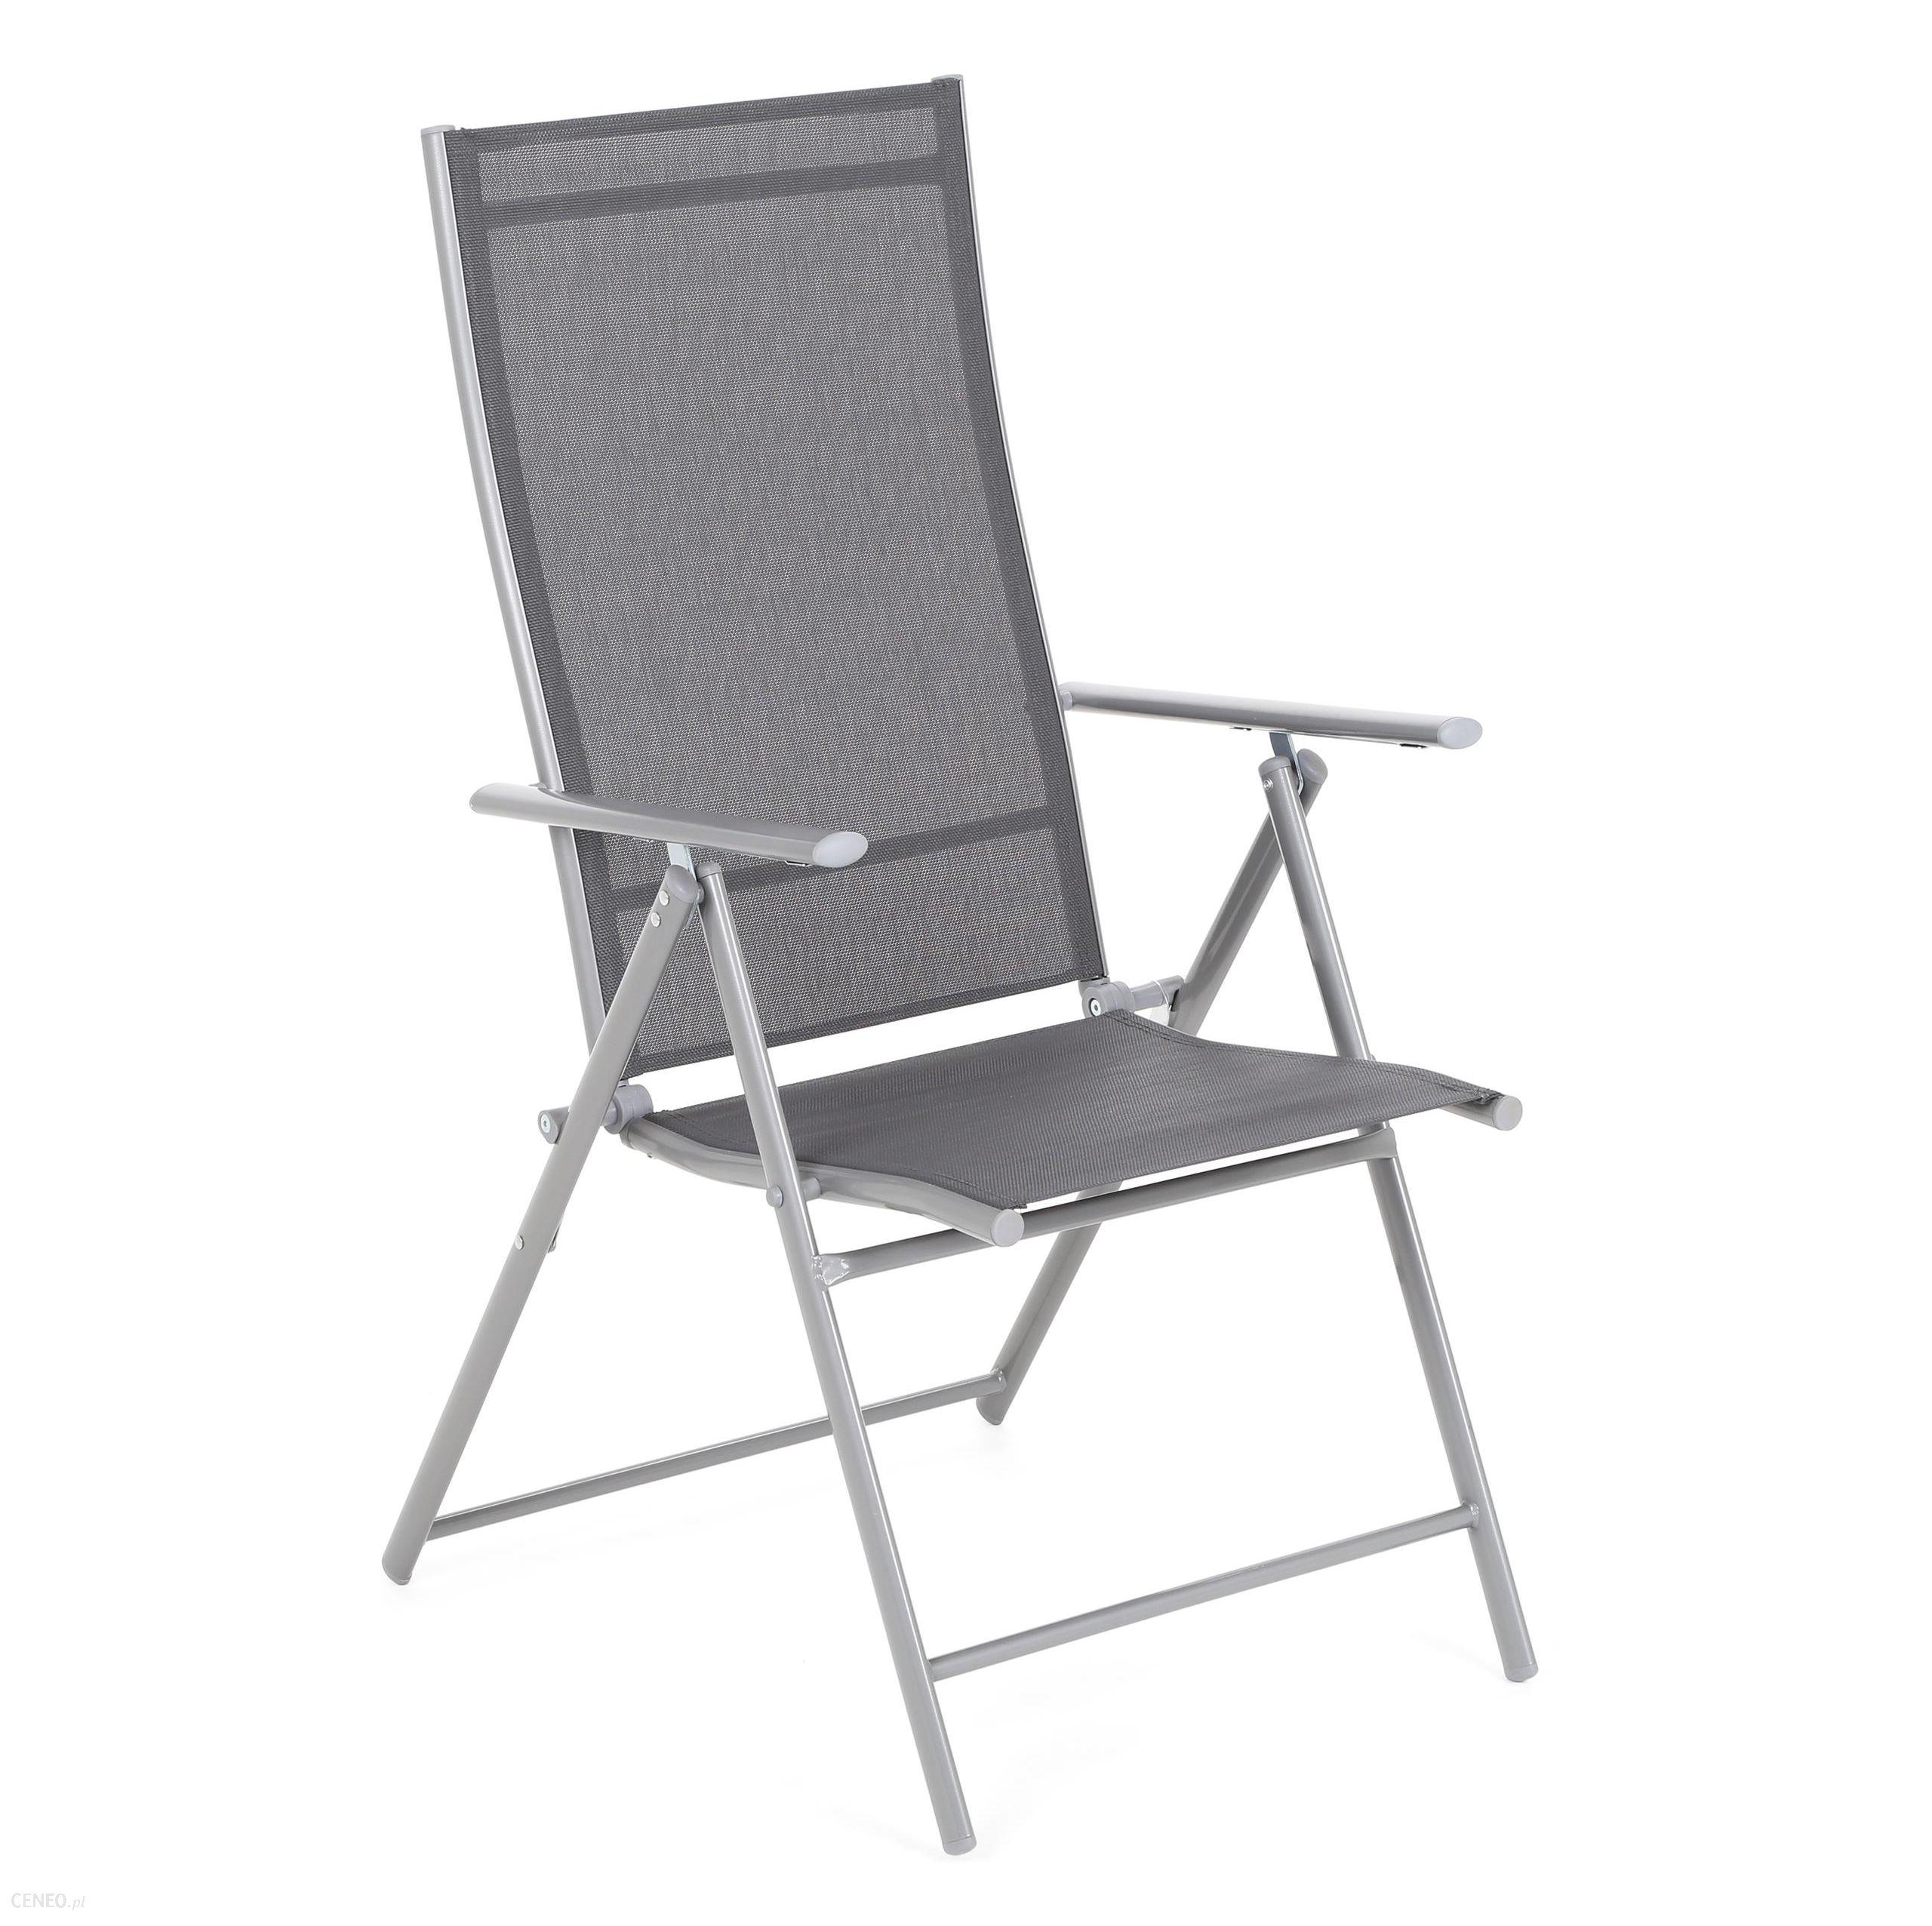 Vidaxl Krzesło Ogrodowe Metalowe Casablanca Silver / Grey